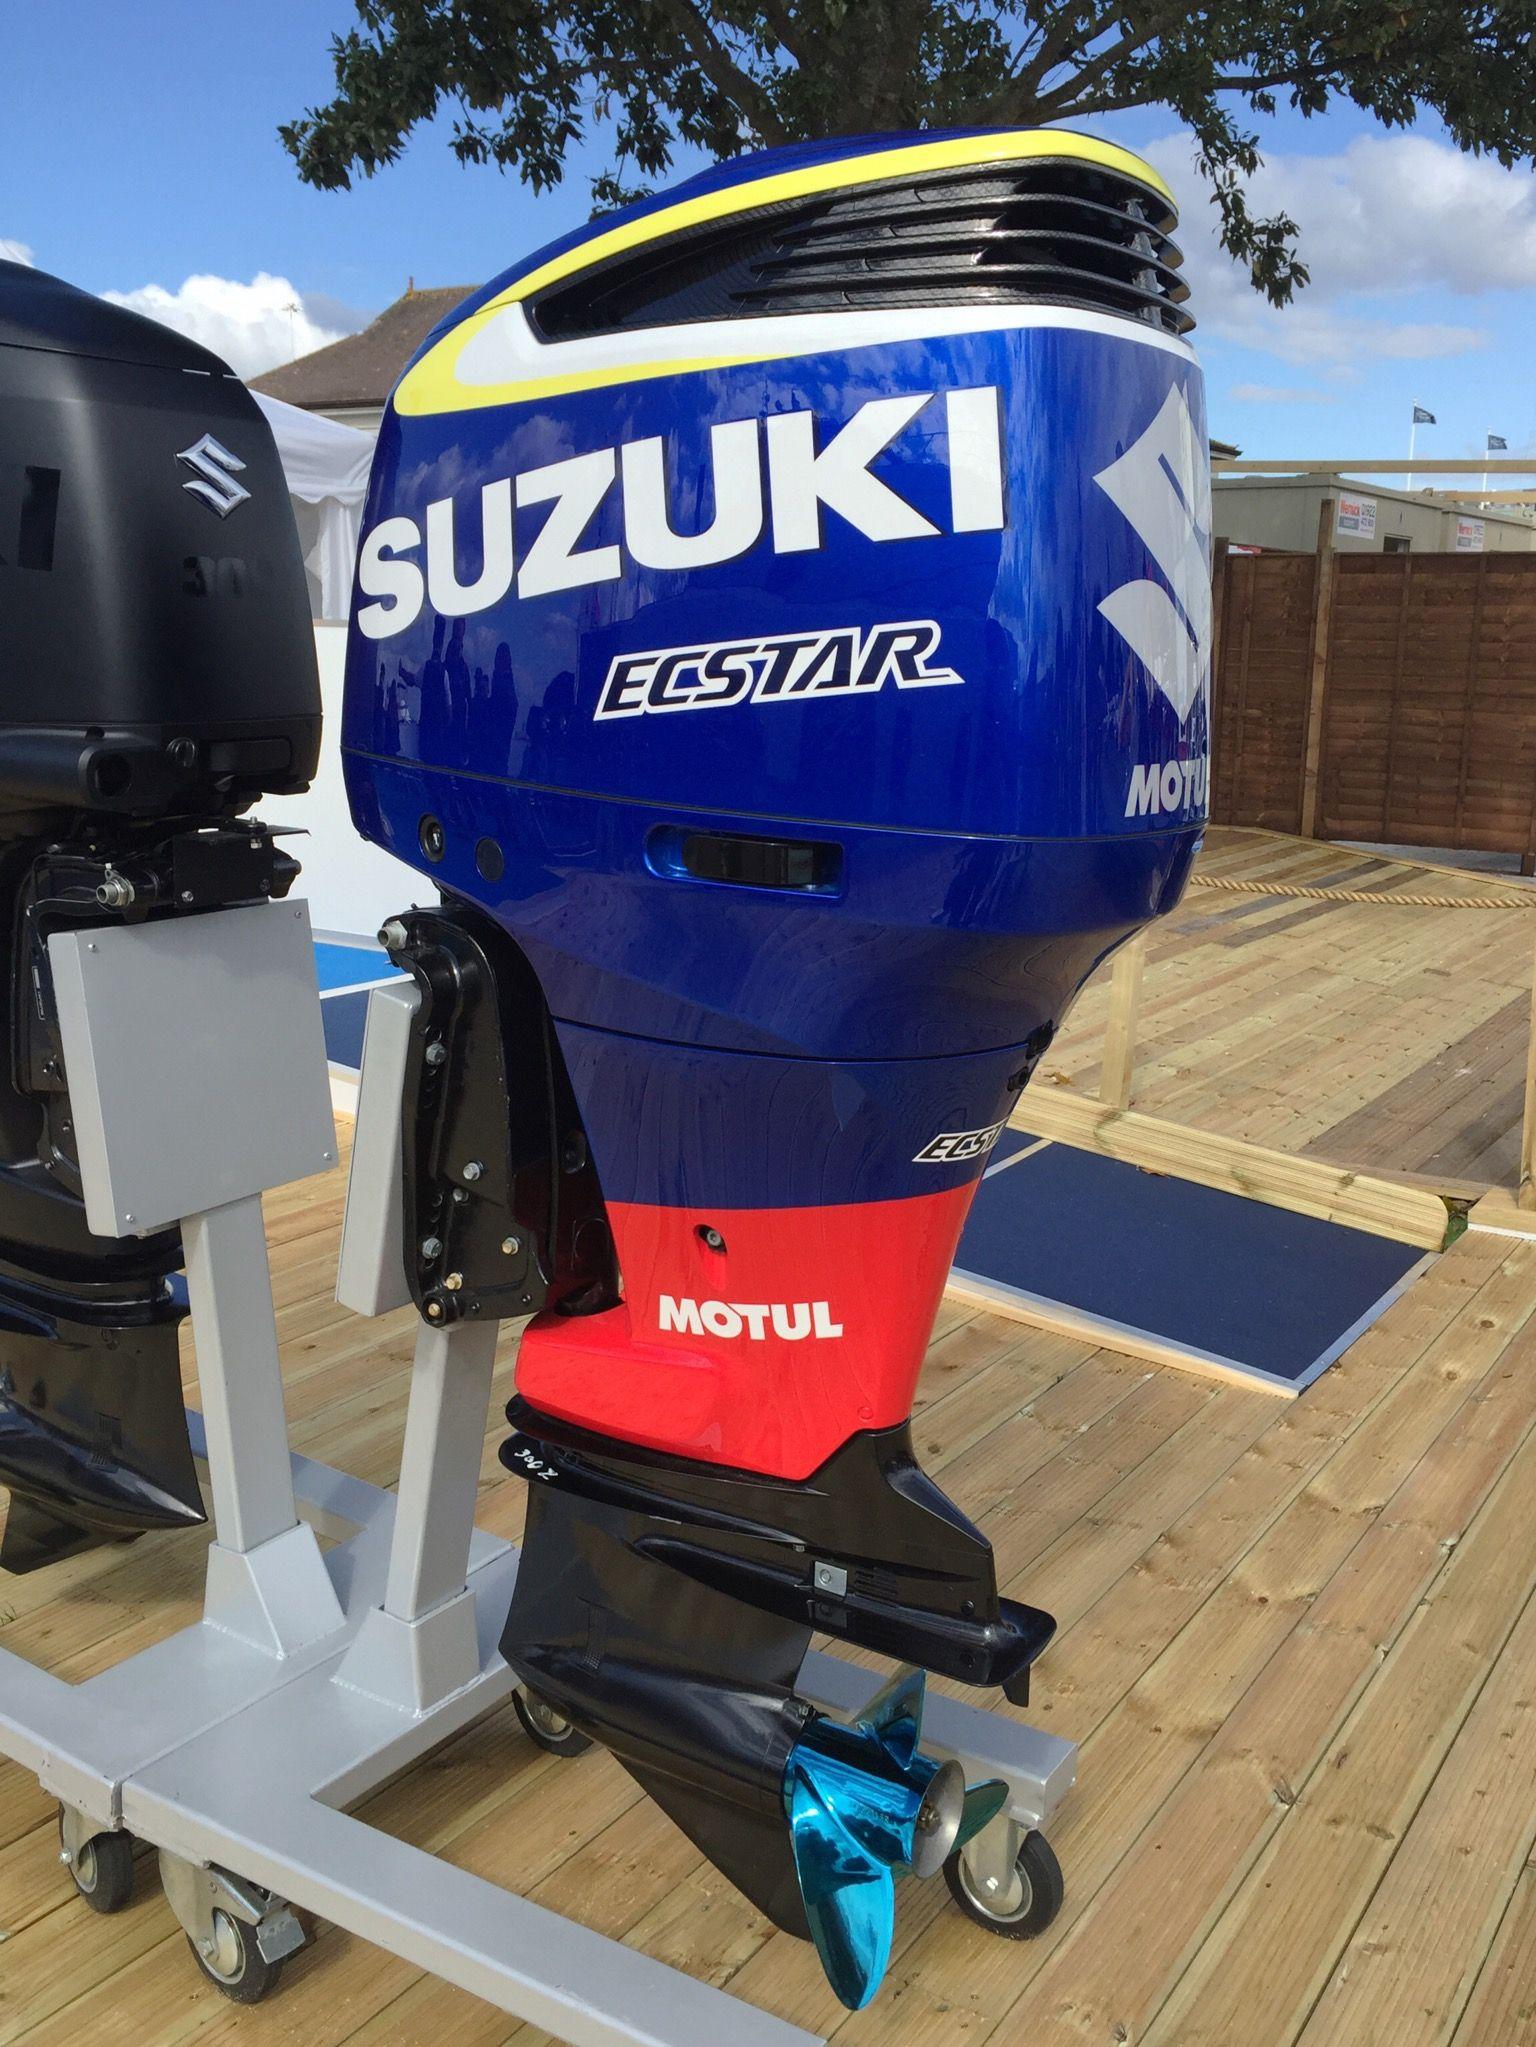 White Suzuki Outboards